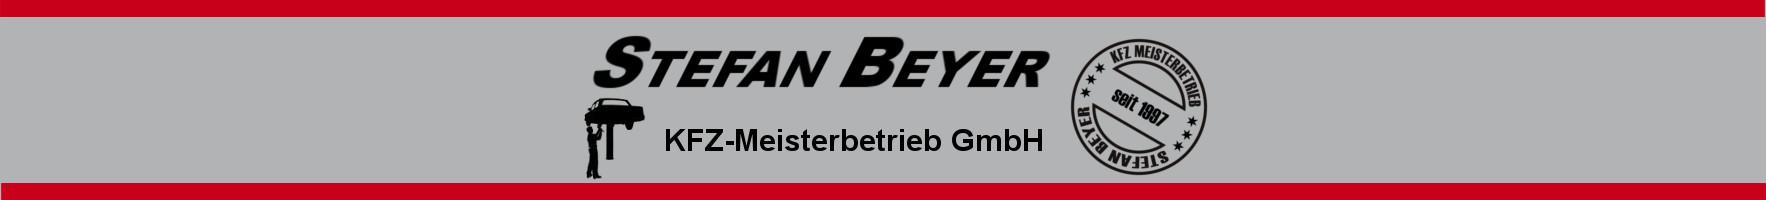 kfzstefanbeyer.de